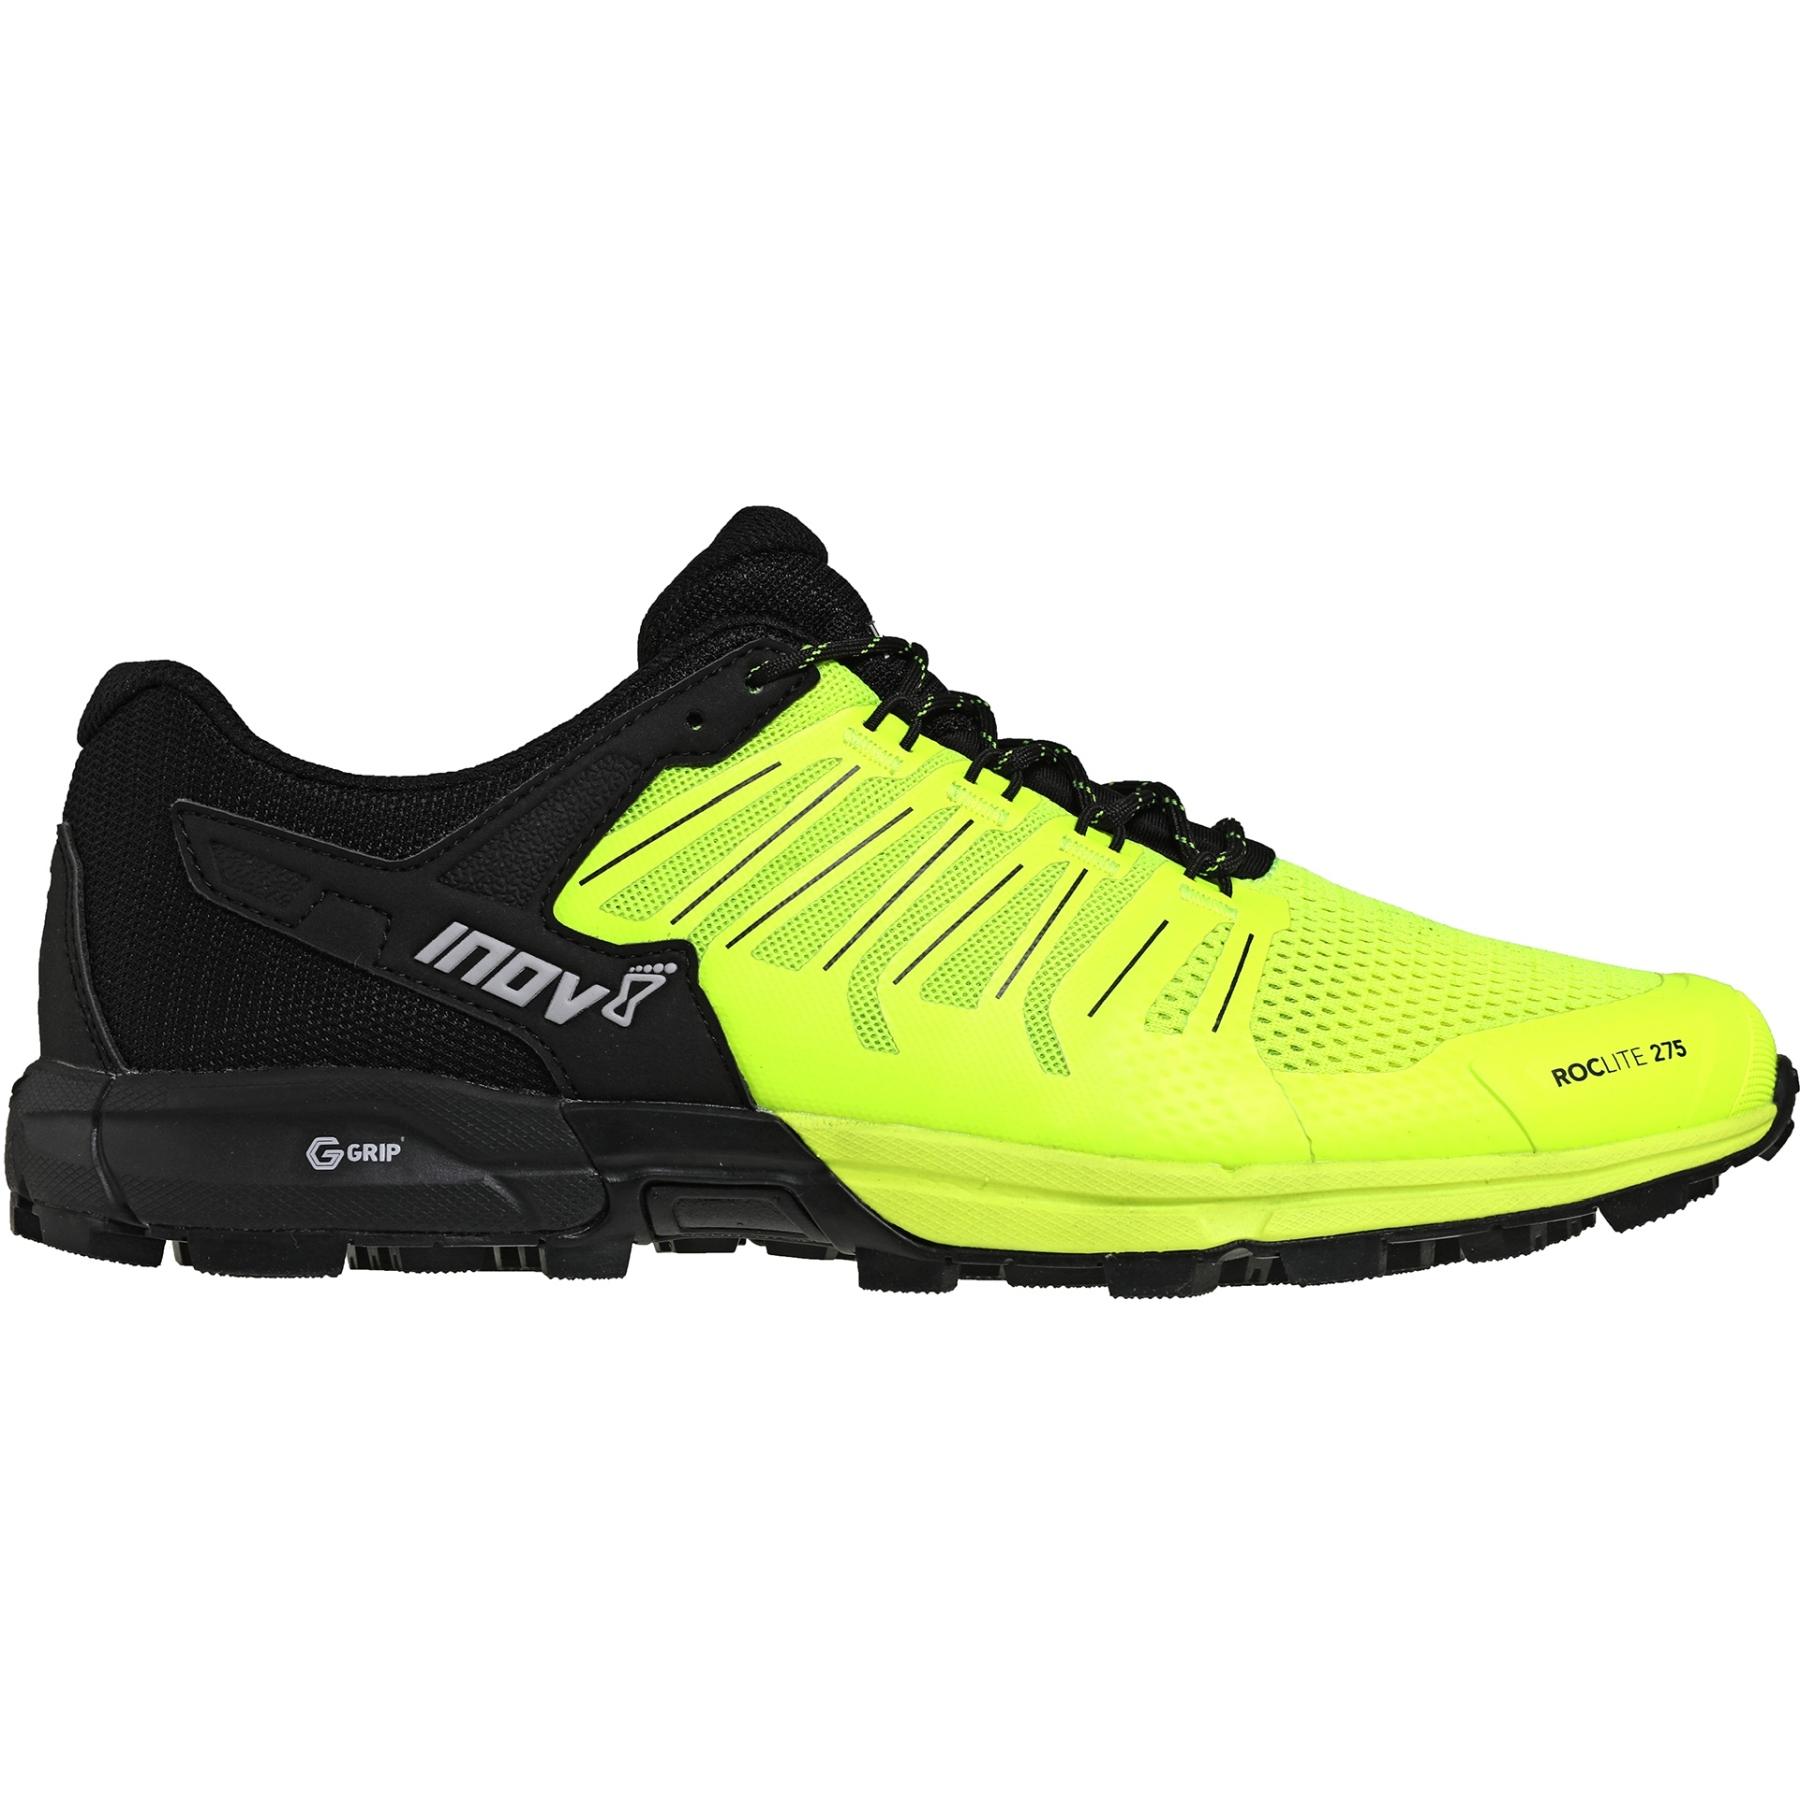 Produktbild von Inov-8 Roclite™ G 275 Trail Laufschuhe - yellow/black